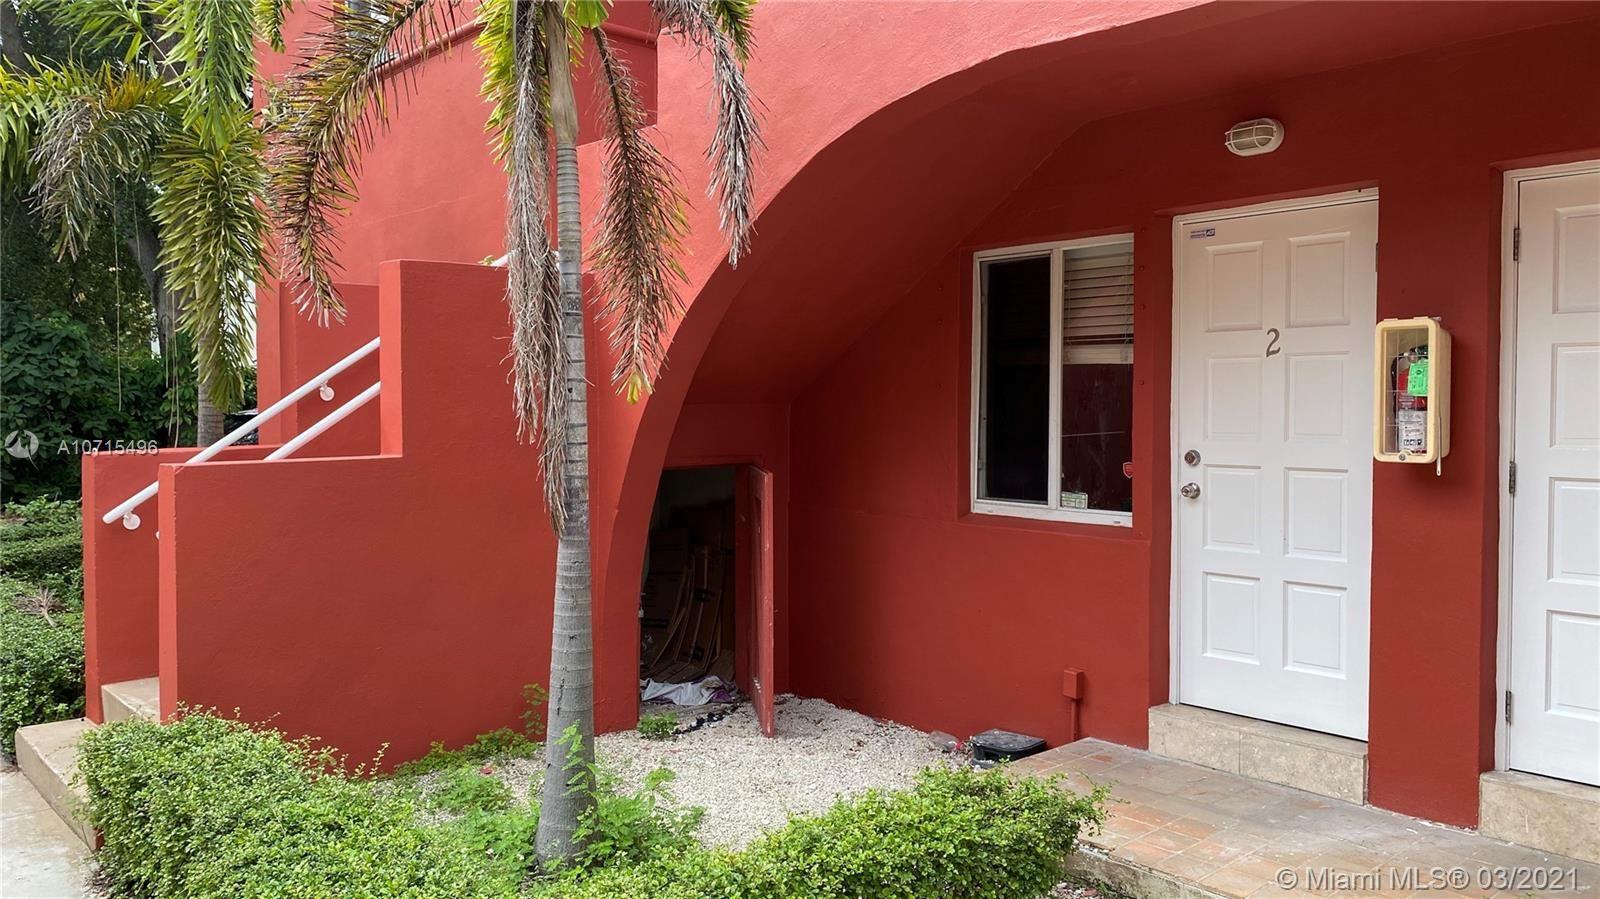 540 NE 62nd St #2, Miami, FL 33138 - #: A10715496